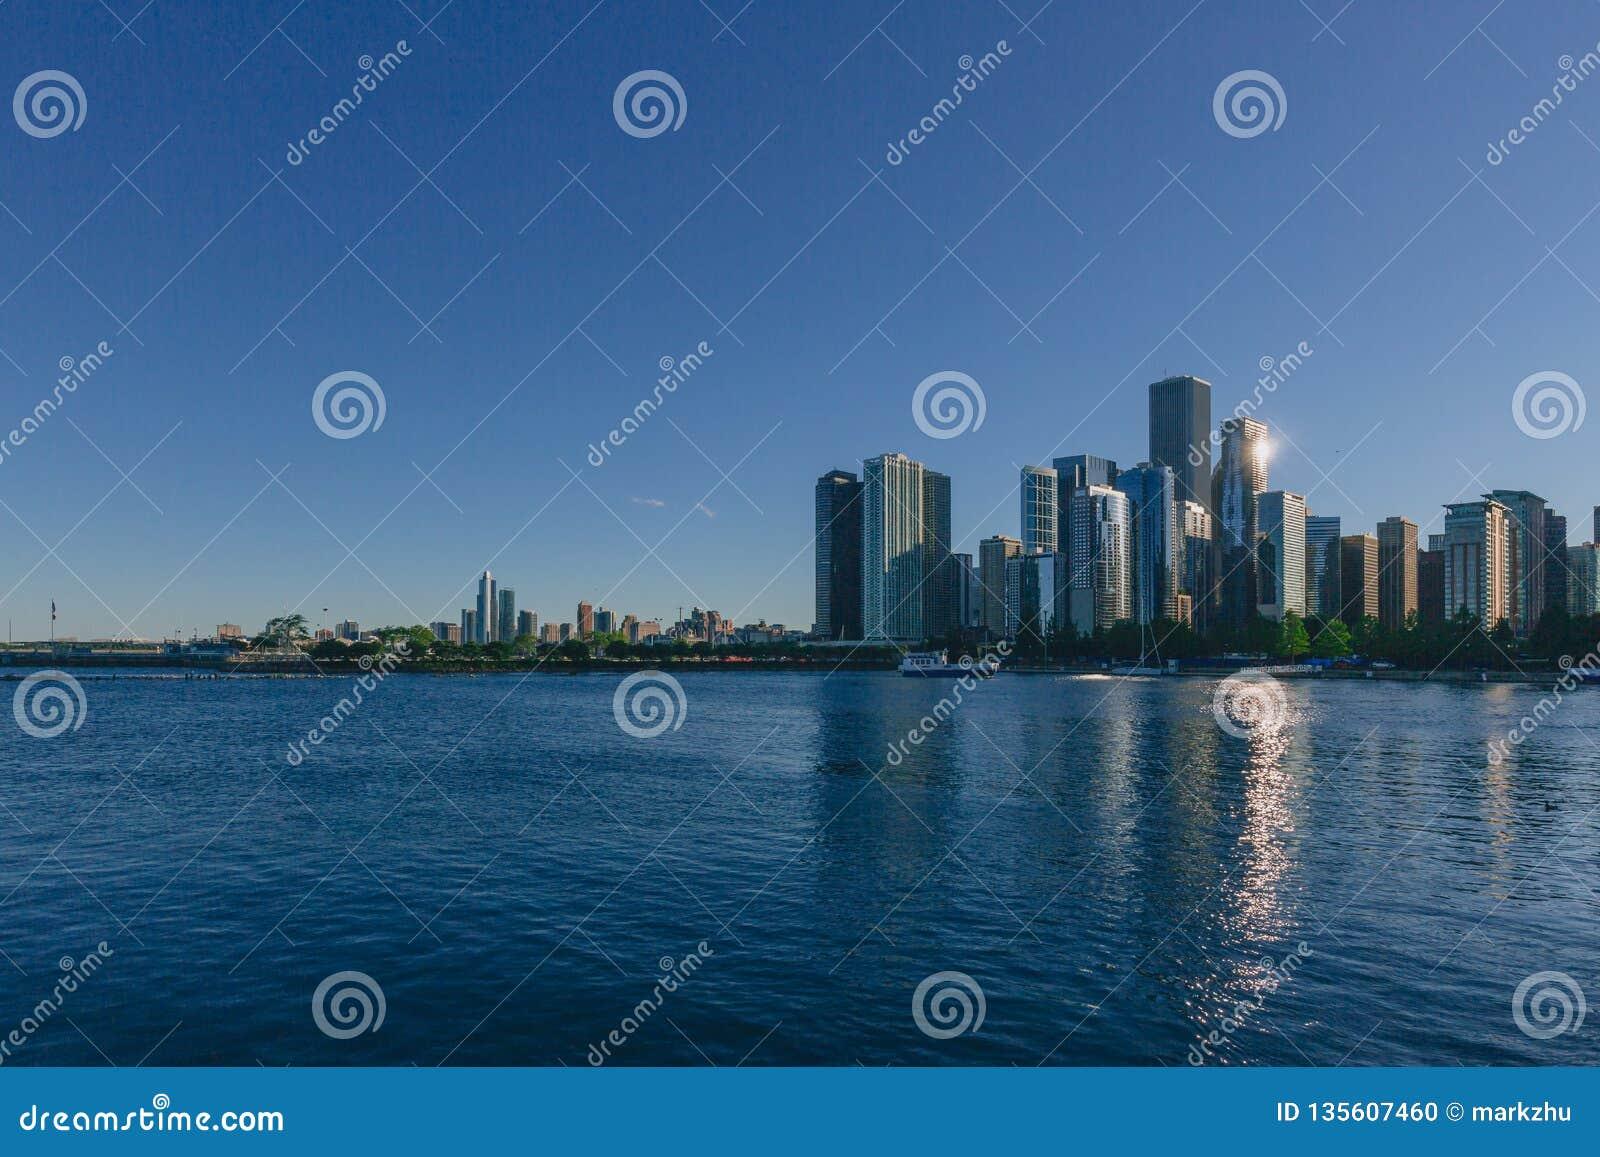 Horizonte de Chicago céntrica sobre el lago Michigan, en Chicago, los E.E.U.U.